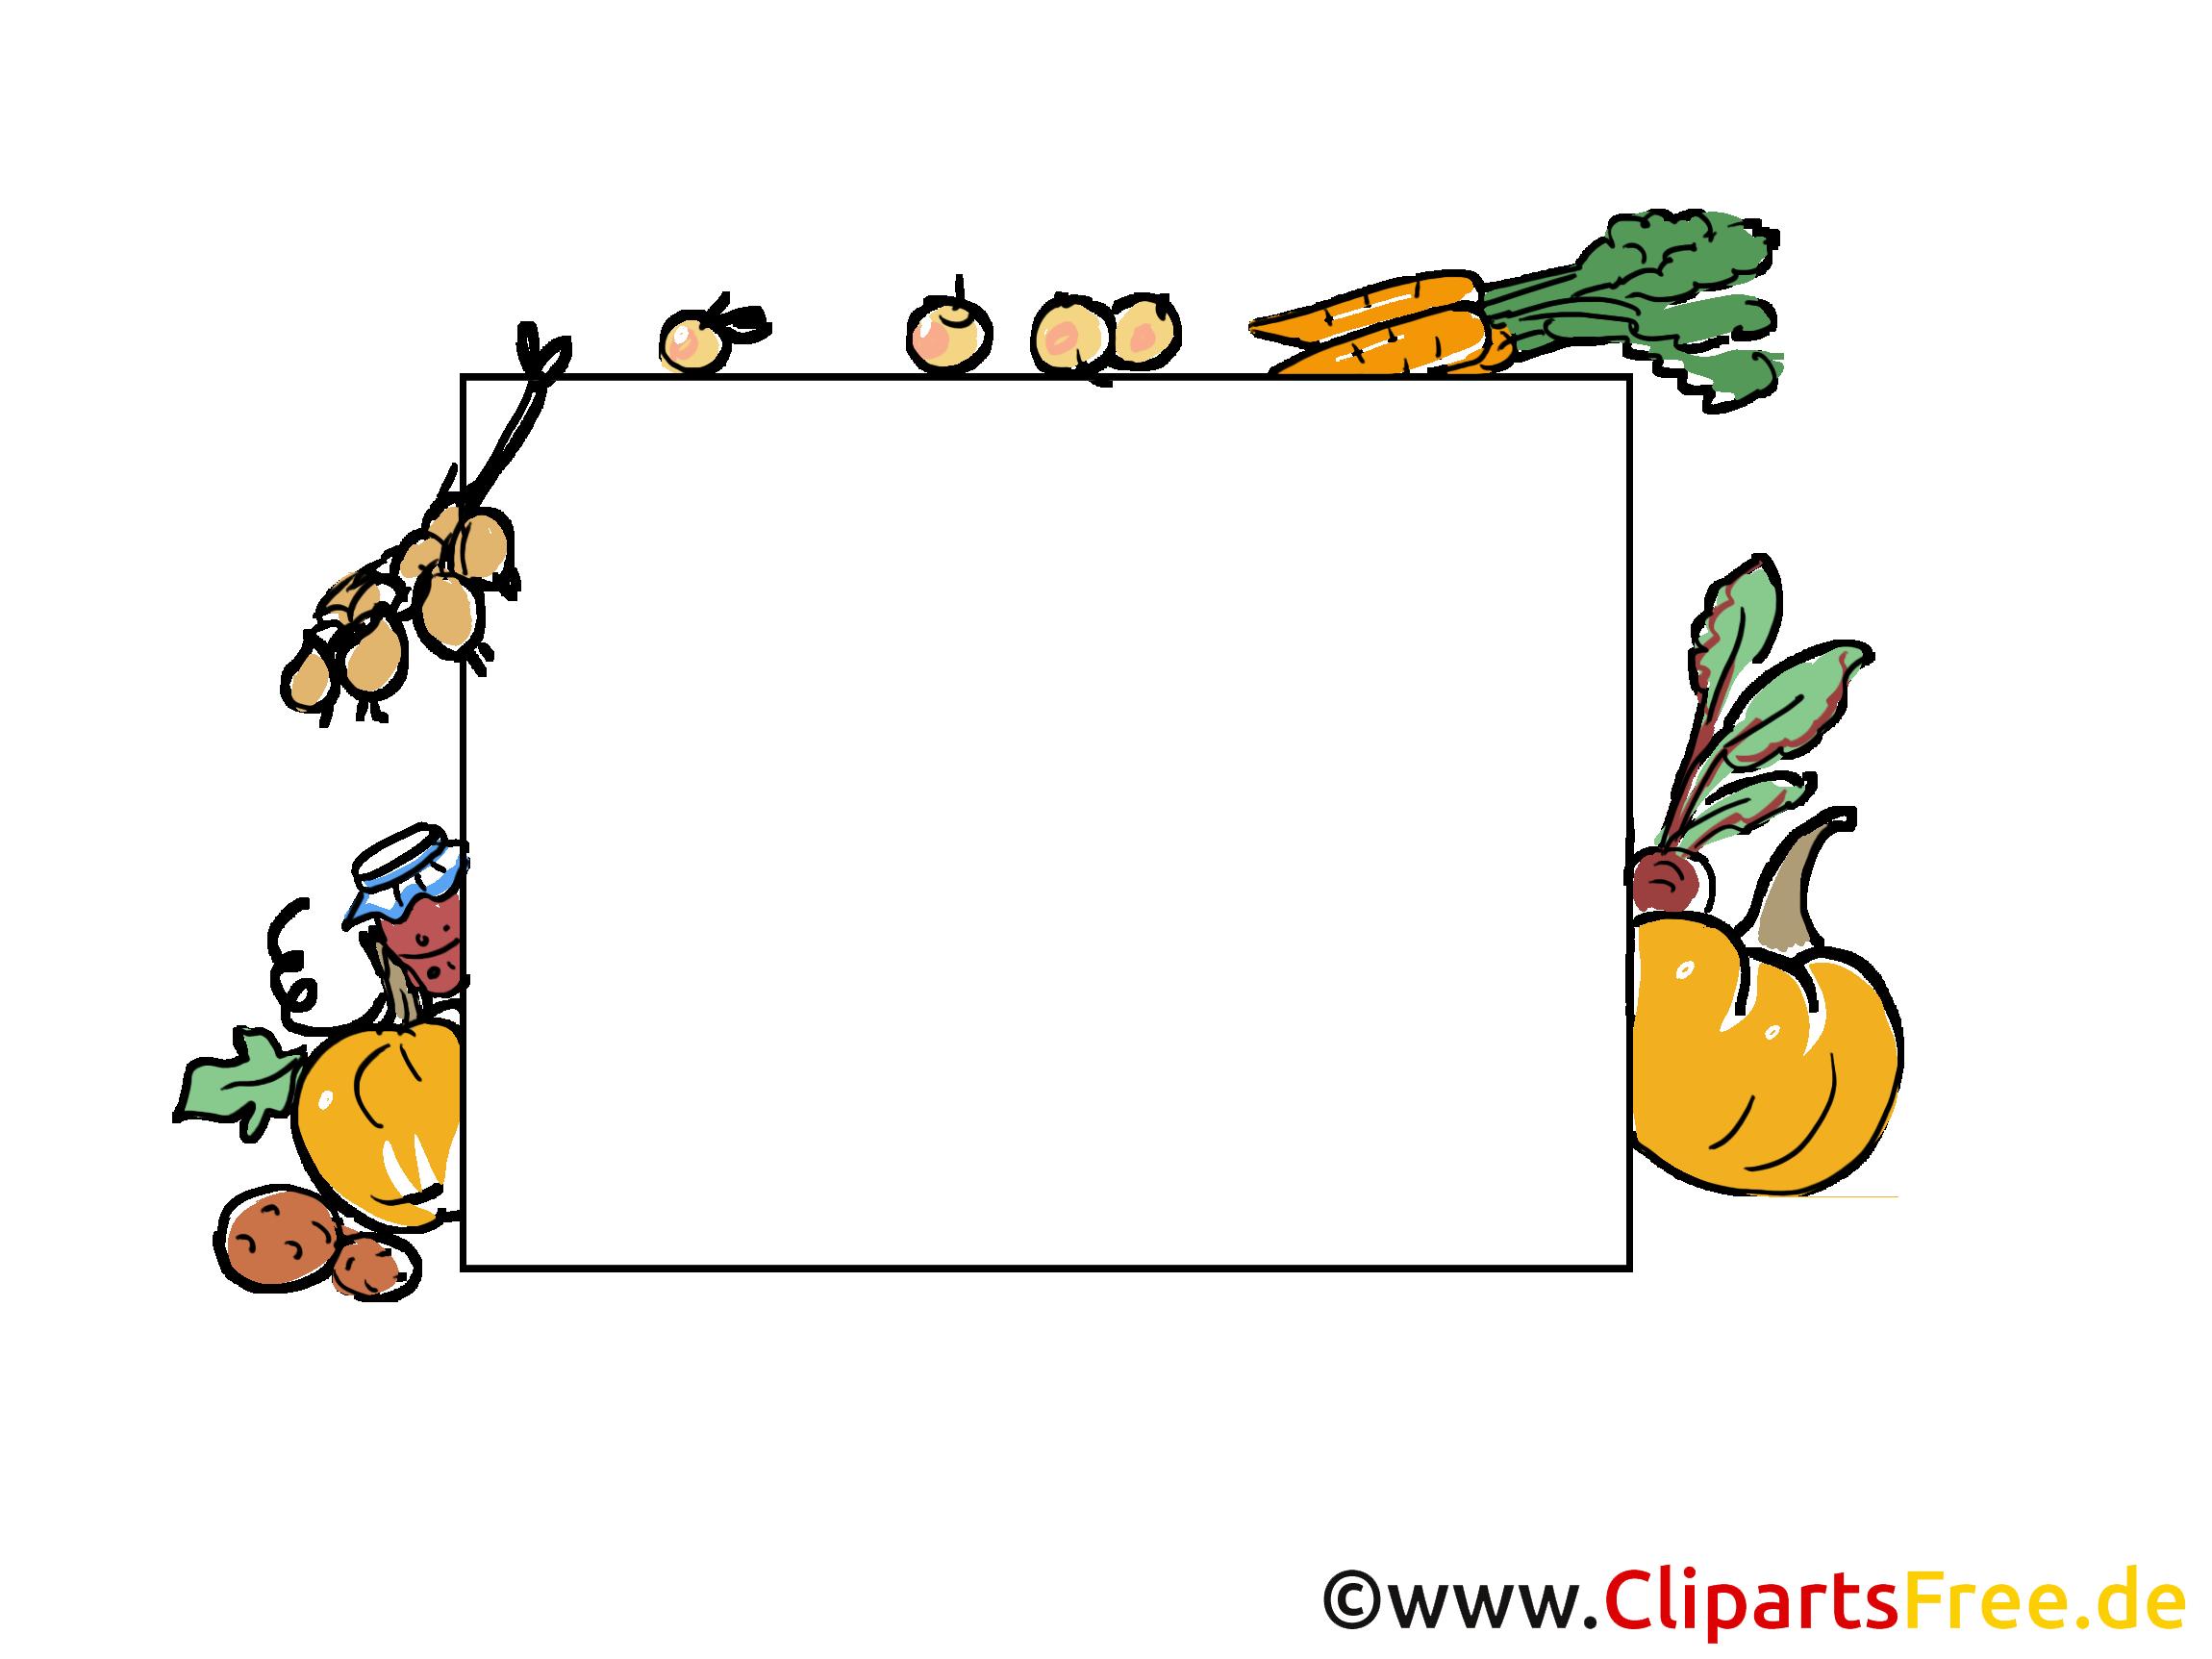 Legumes Image Gratuite Cadre Clipart Cadres Dessin Picture Image Graphic Clip Art Telecharger Gratuit